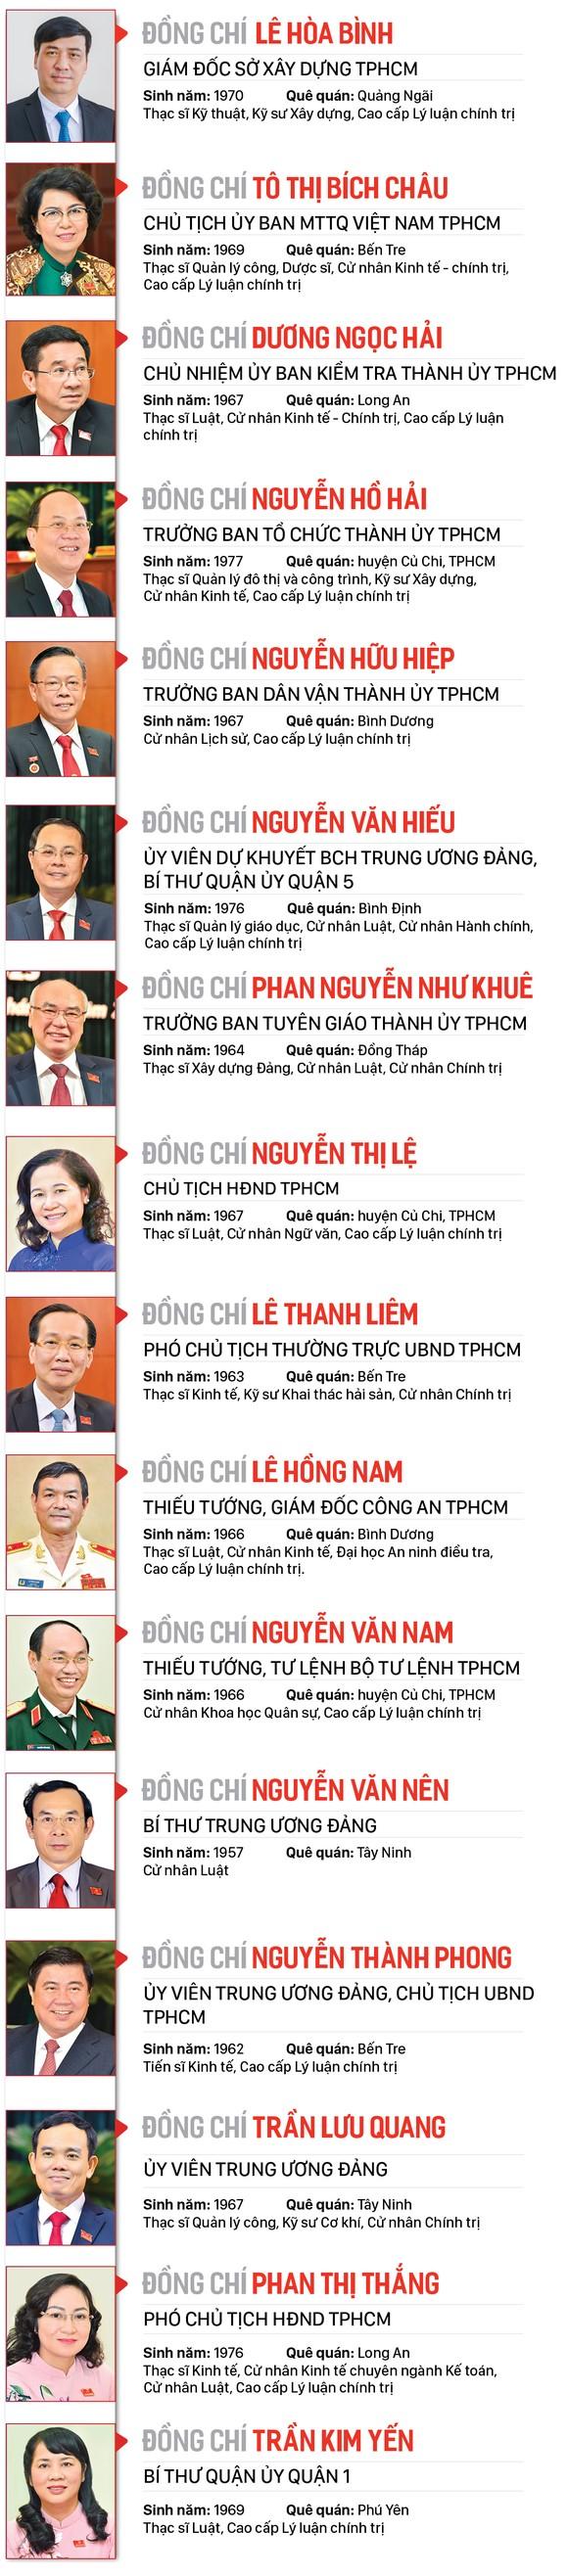 Danh sách Ban Thường vụ Thành ủy TPHCM khóa XI ảnh 1